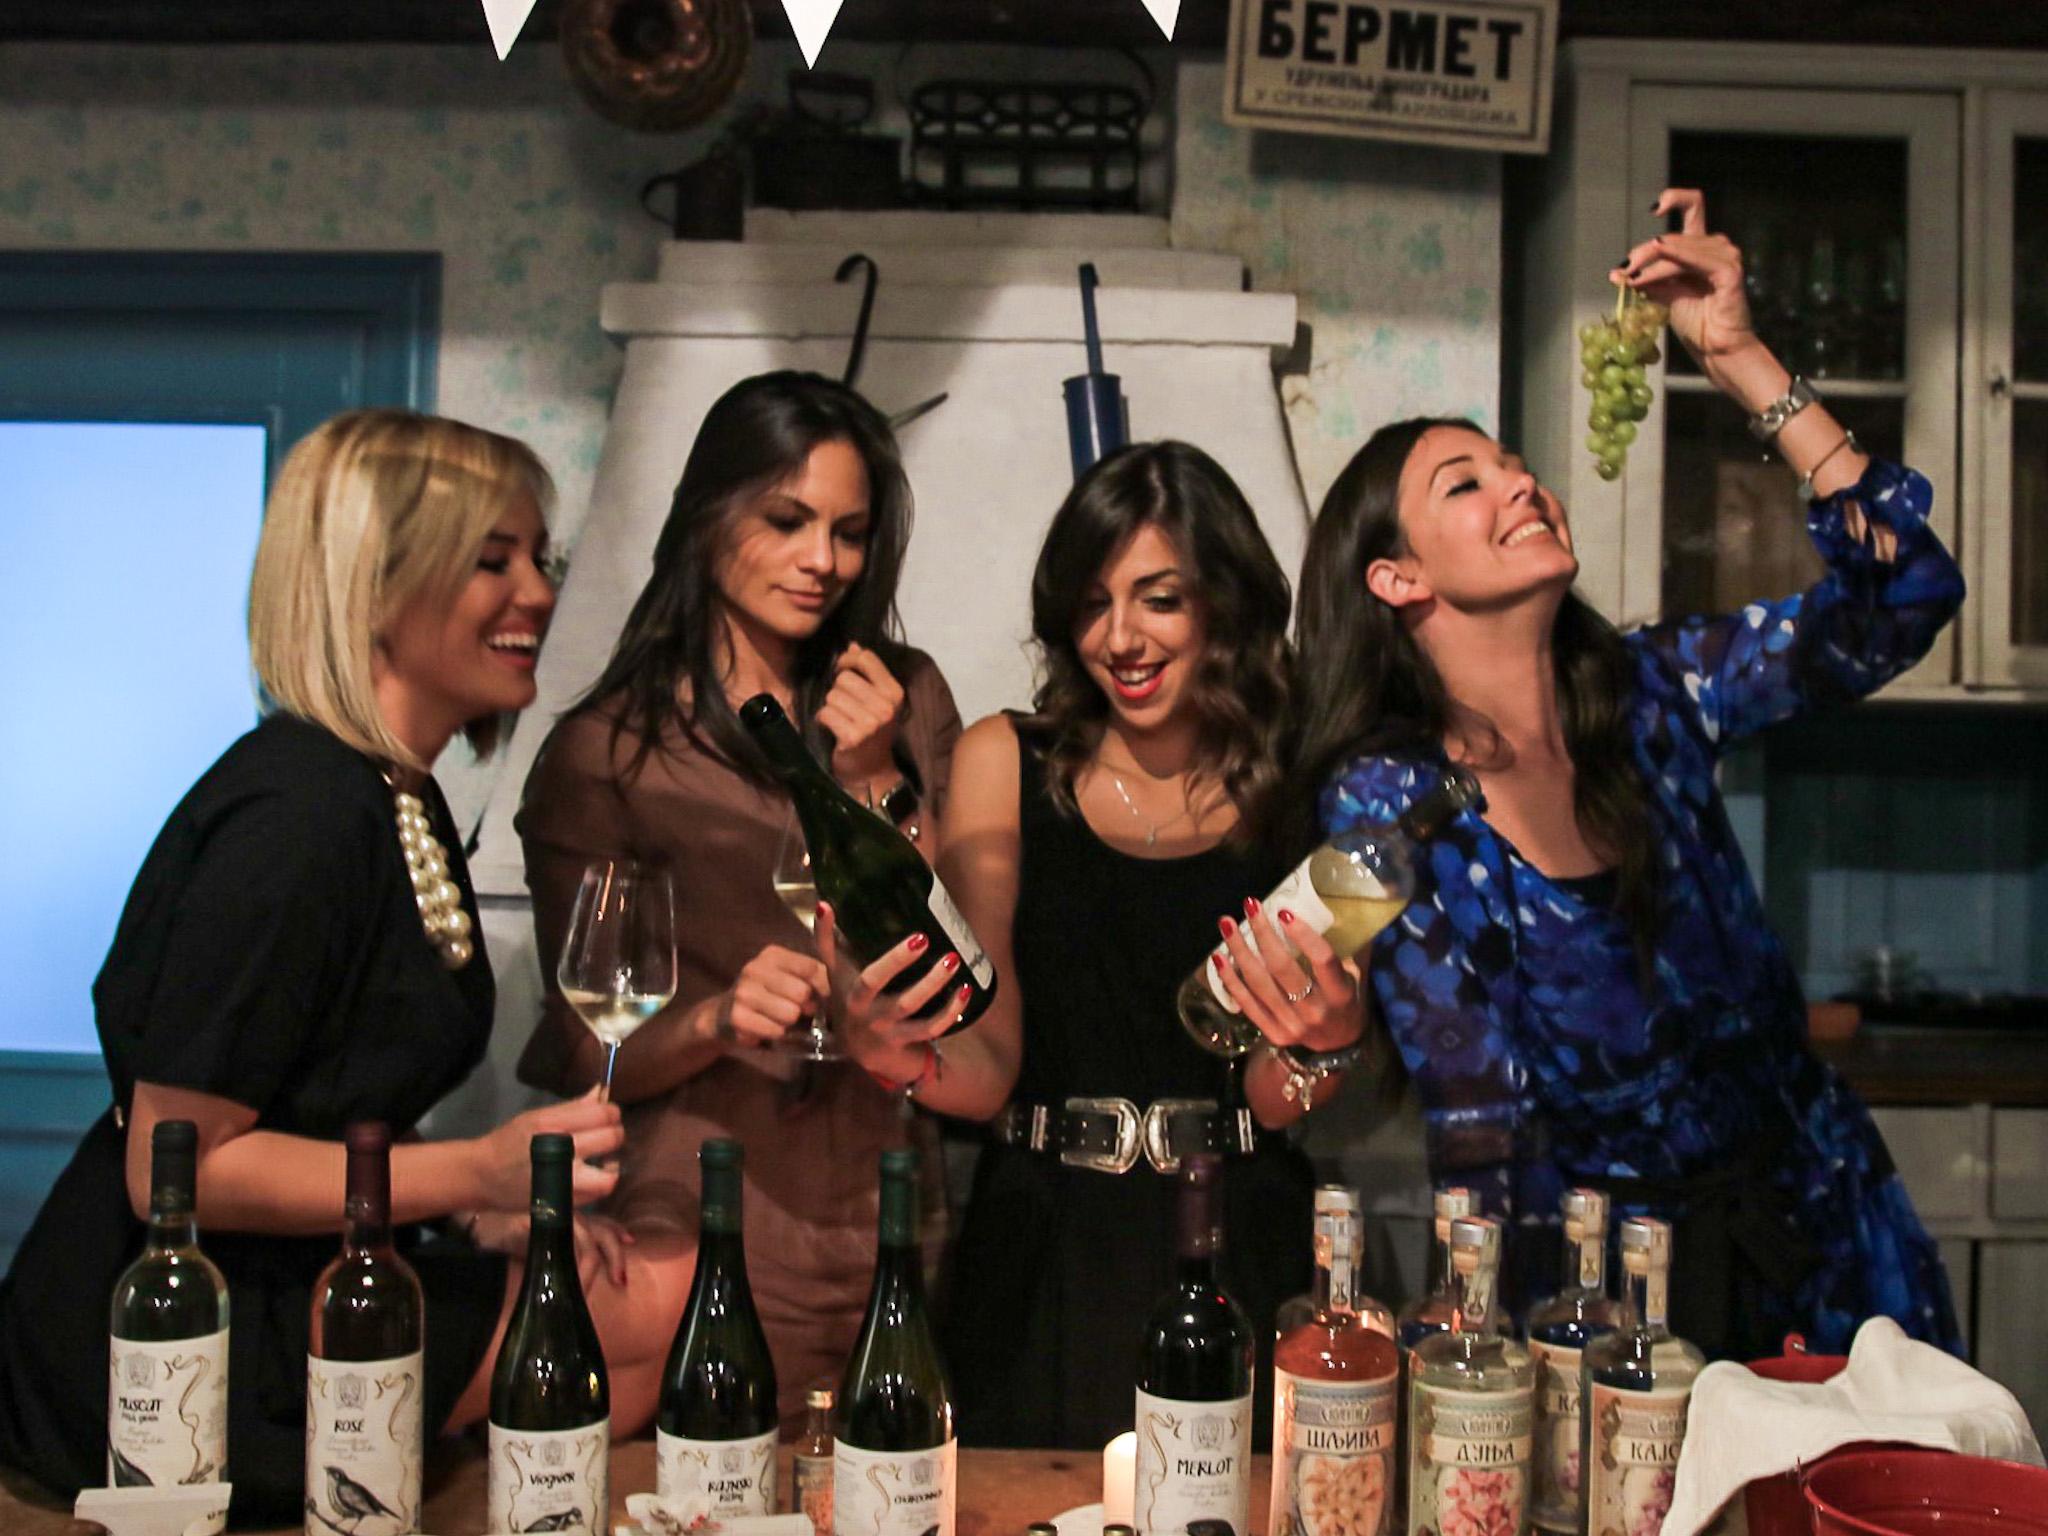 Koje je tvoje omiljeno vino?